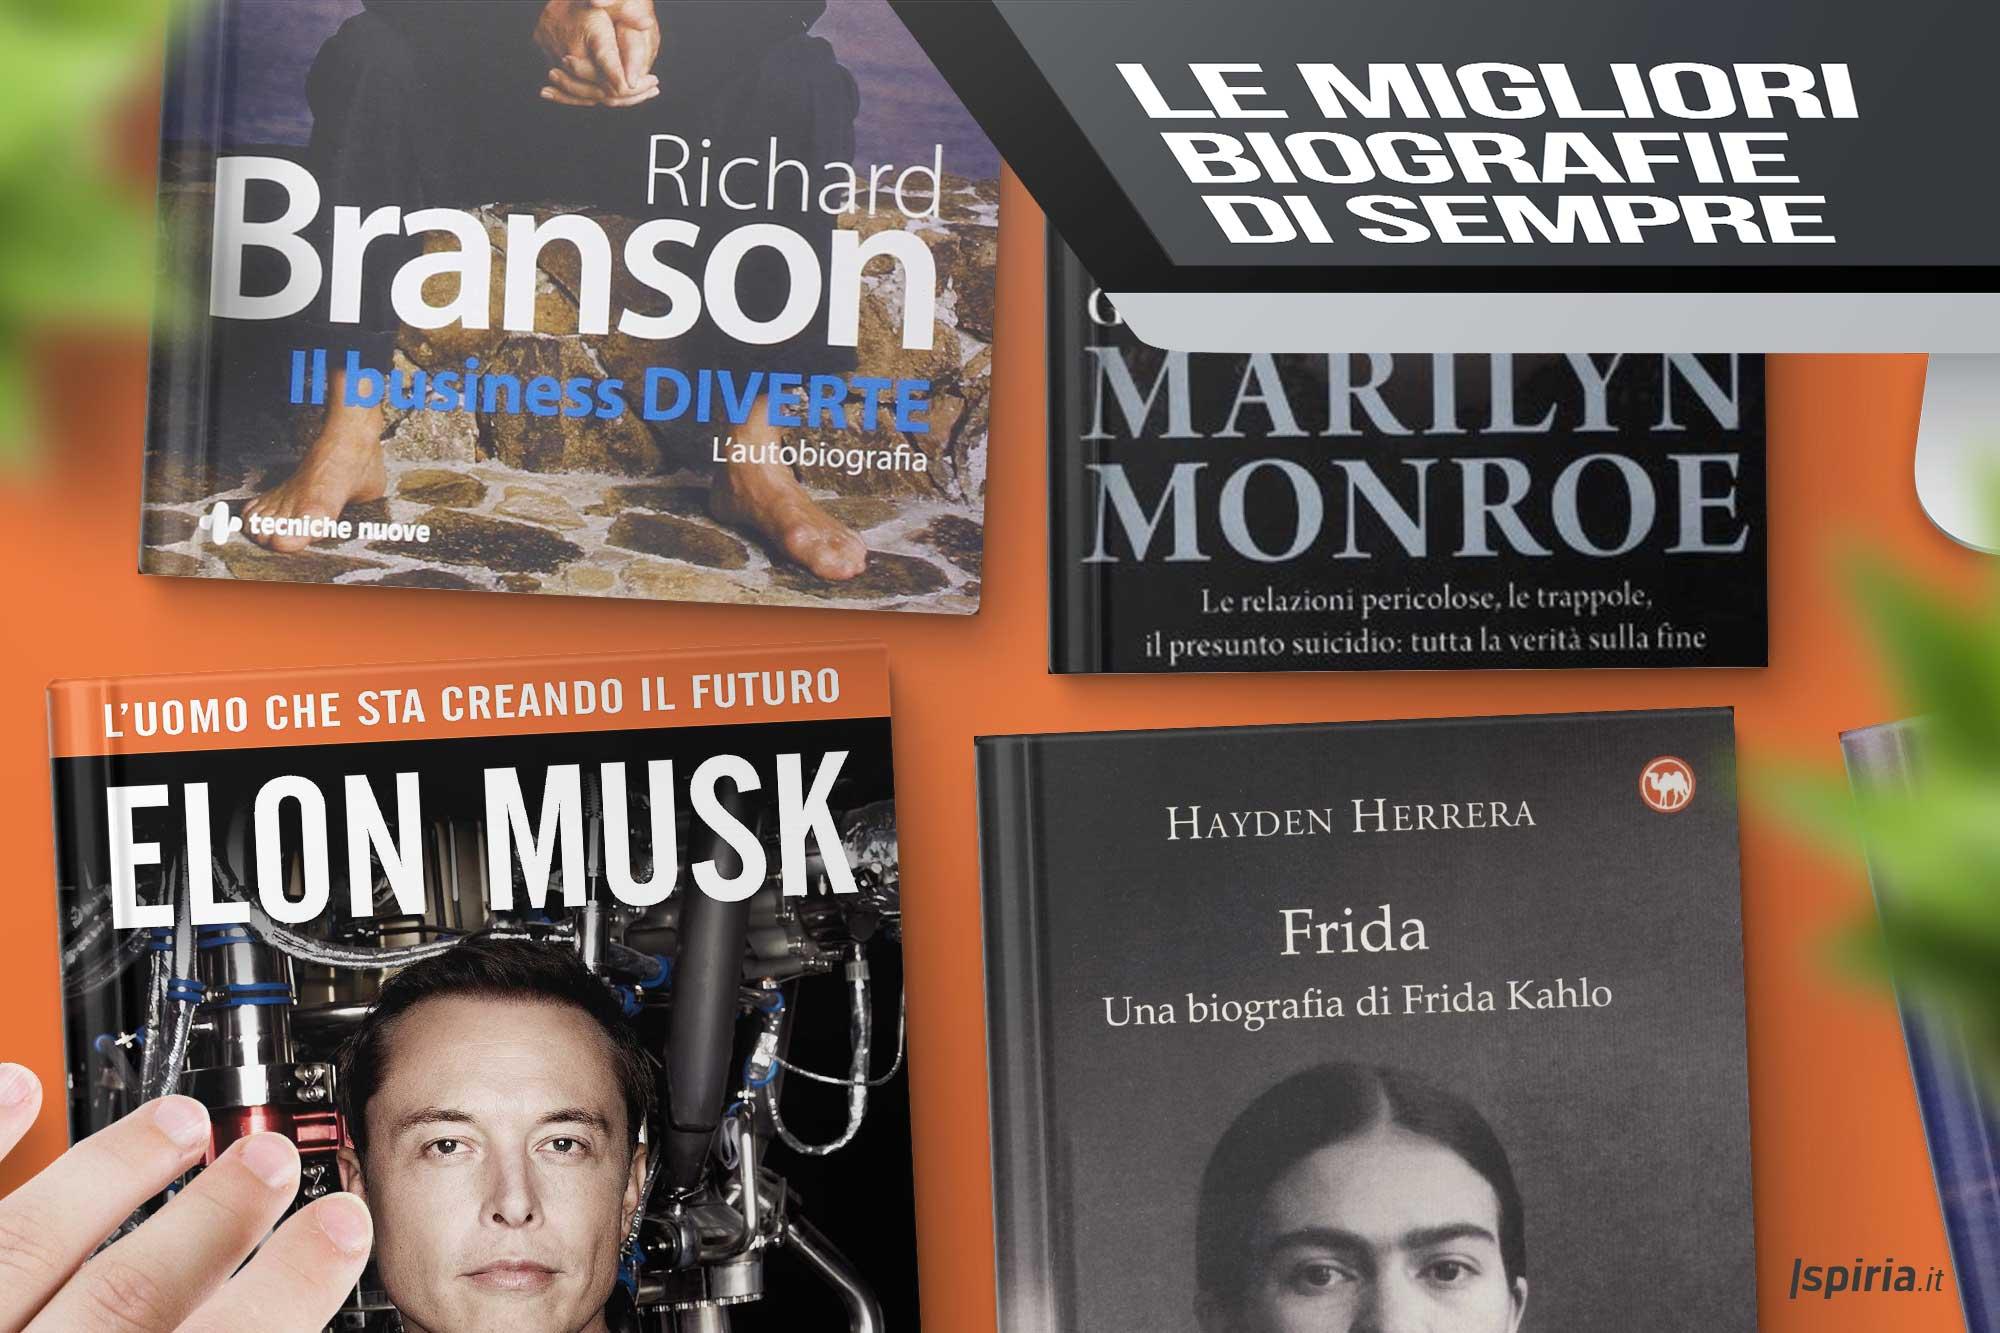 Le-migliori-biografie-di-sempre-libri-biografia